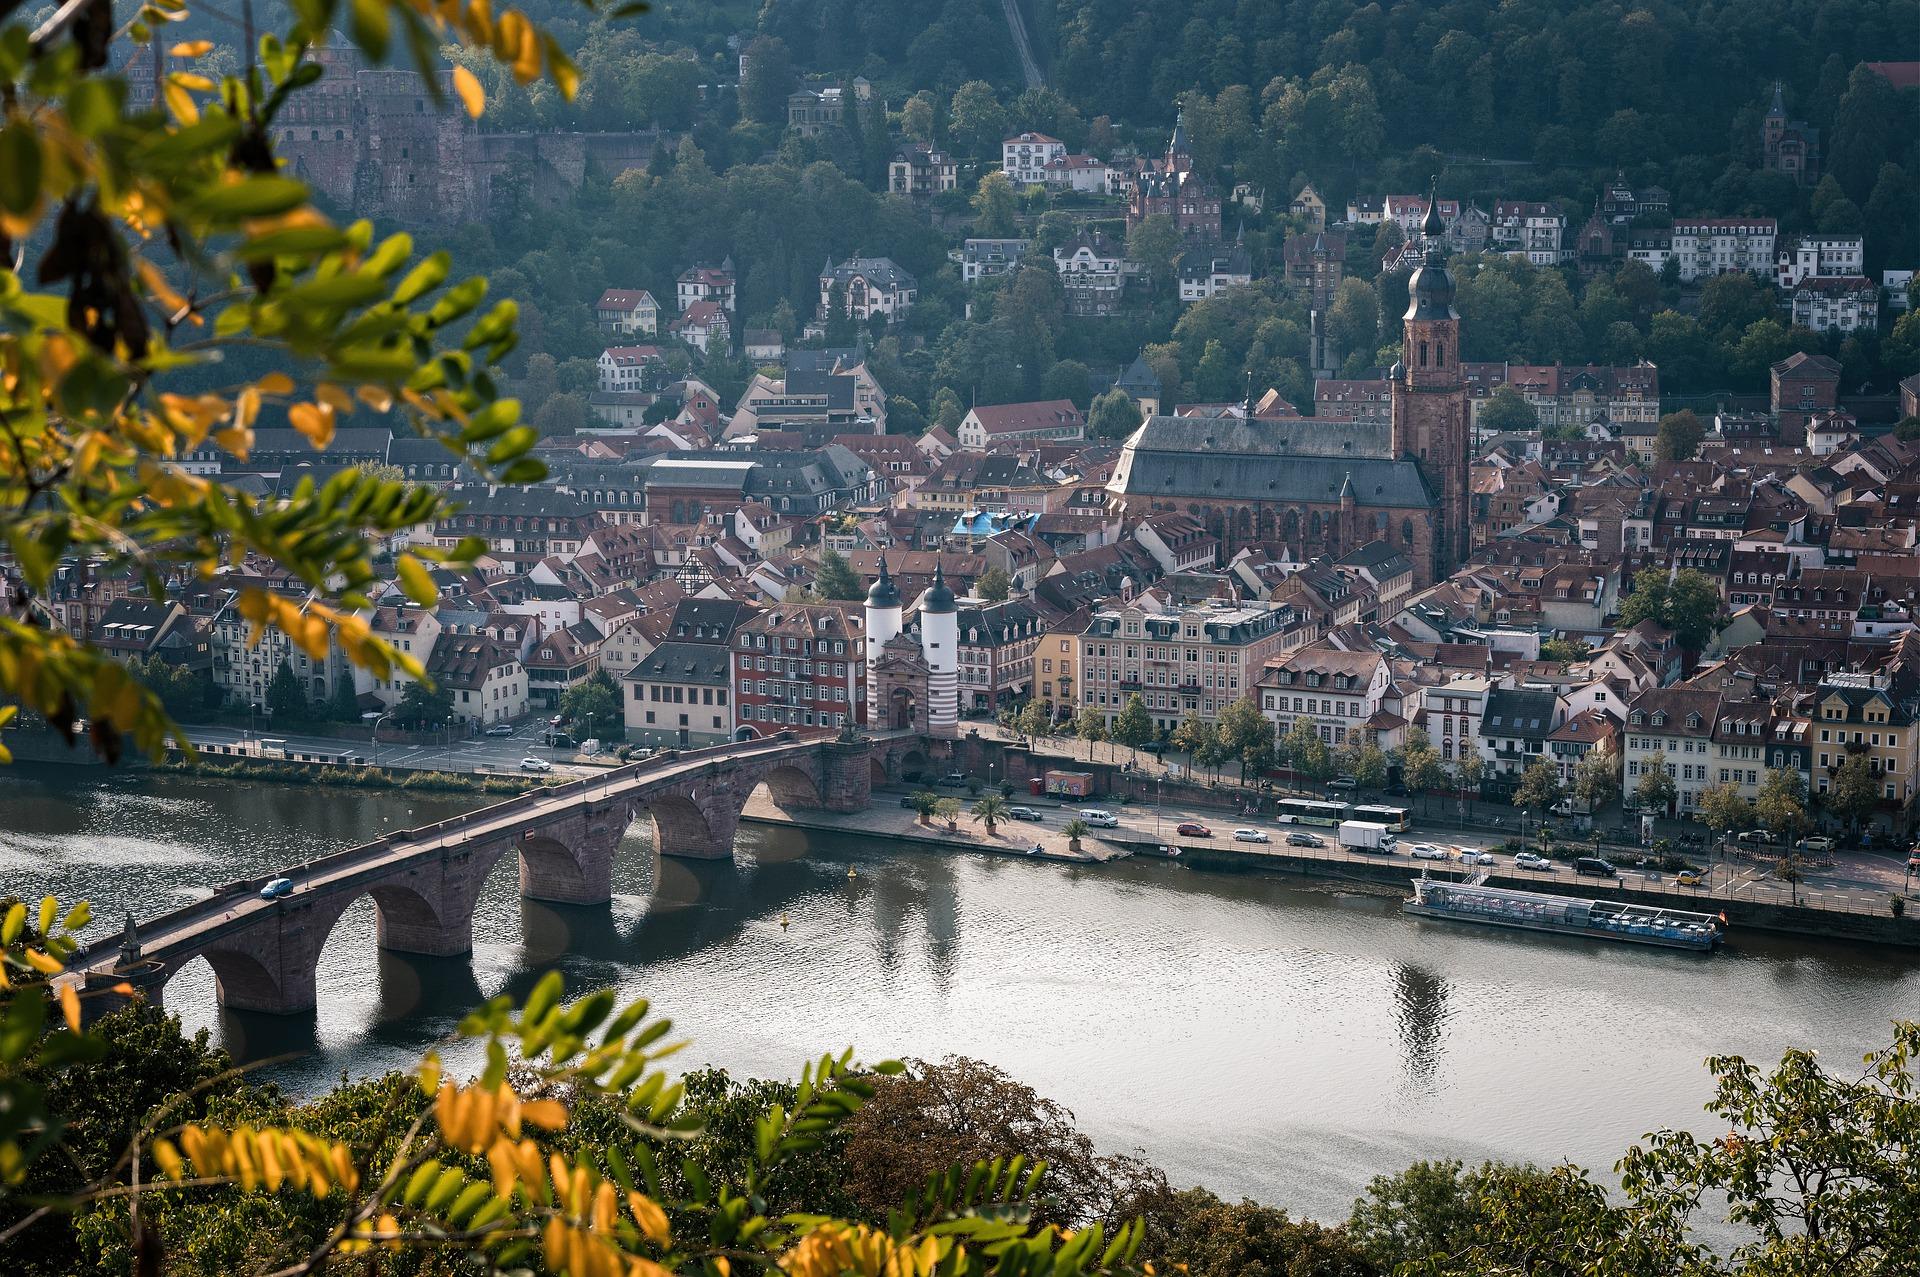 Urlaub in Süddeutschland führt an Heidelberg nicht vorbei